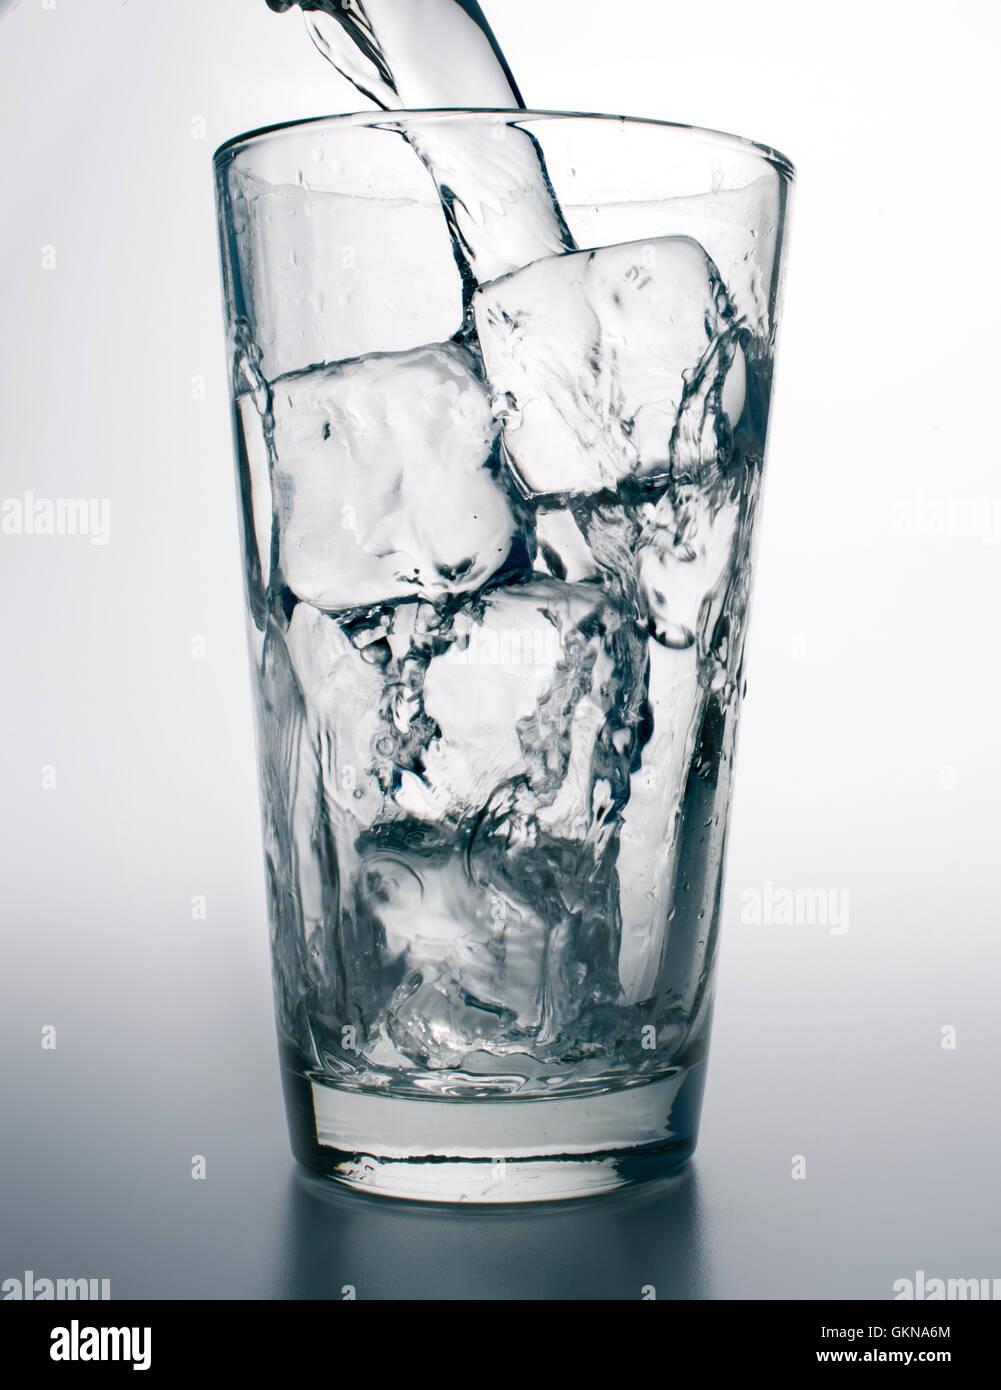 agua y hielo Imagen De Stock